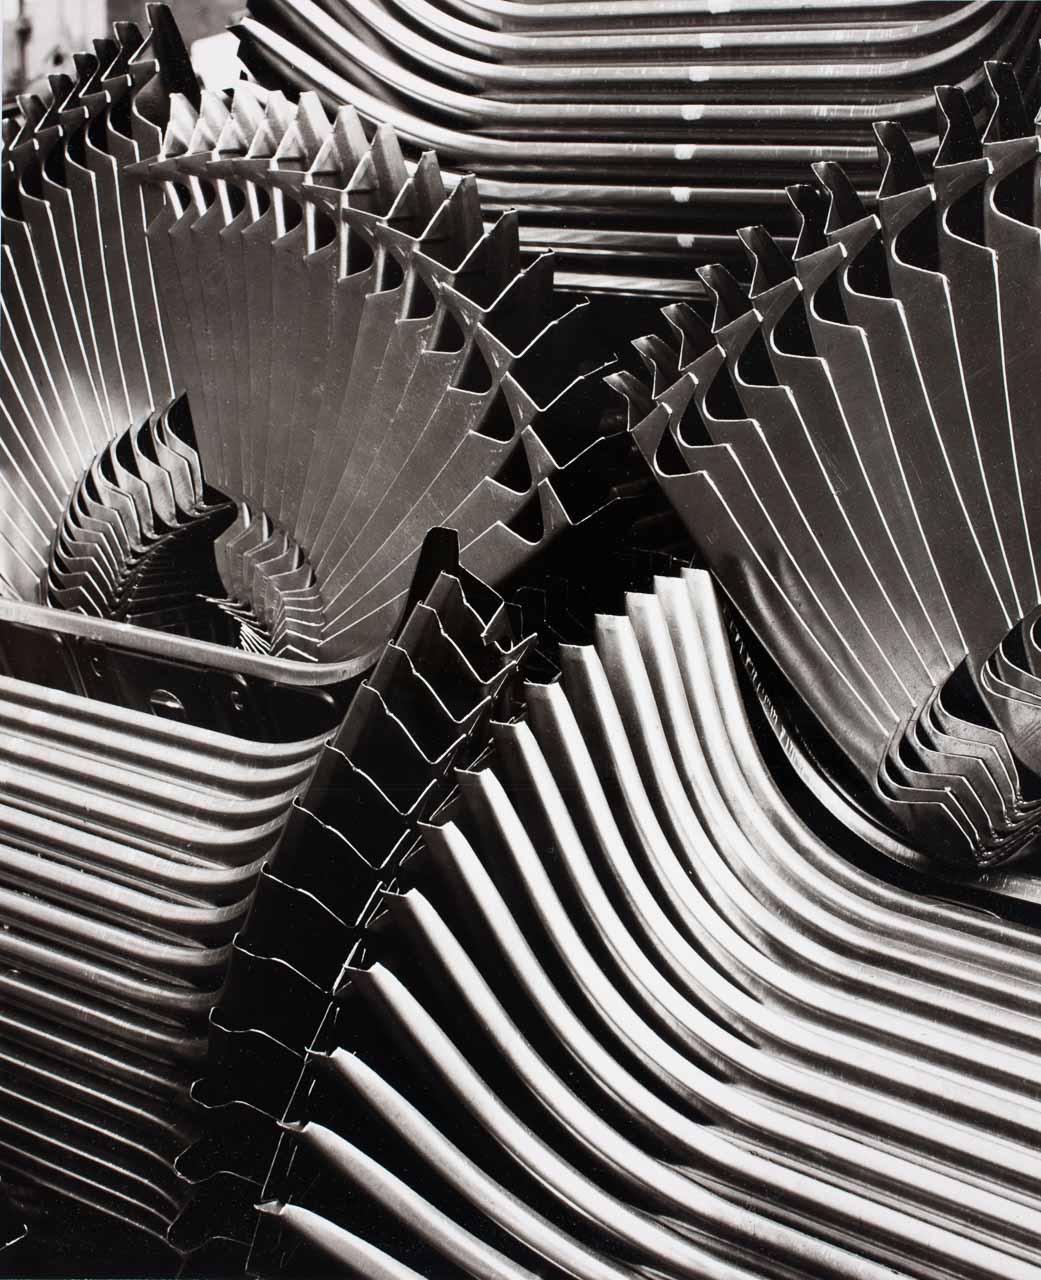 Peter Keetman: Vordere Abschlussbleche, aus der Serie: Eine Woche im Volkswagenwerk, Wolfsburg 1953, Münchner Stadtmuseum © Stiftung F. C. Gundlach, Hamburg